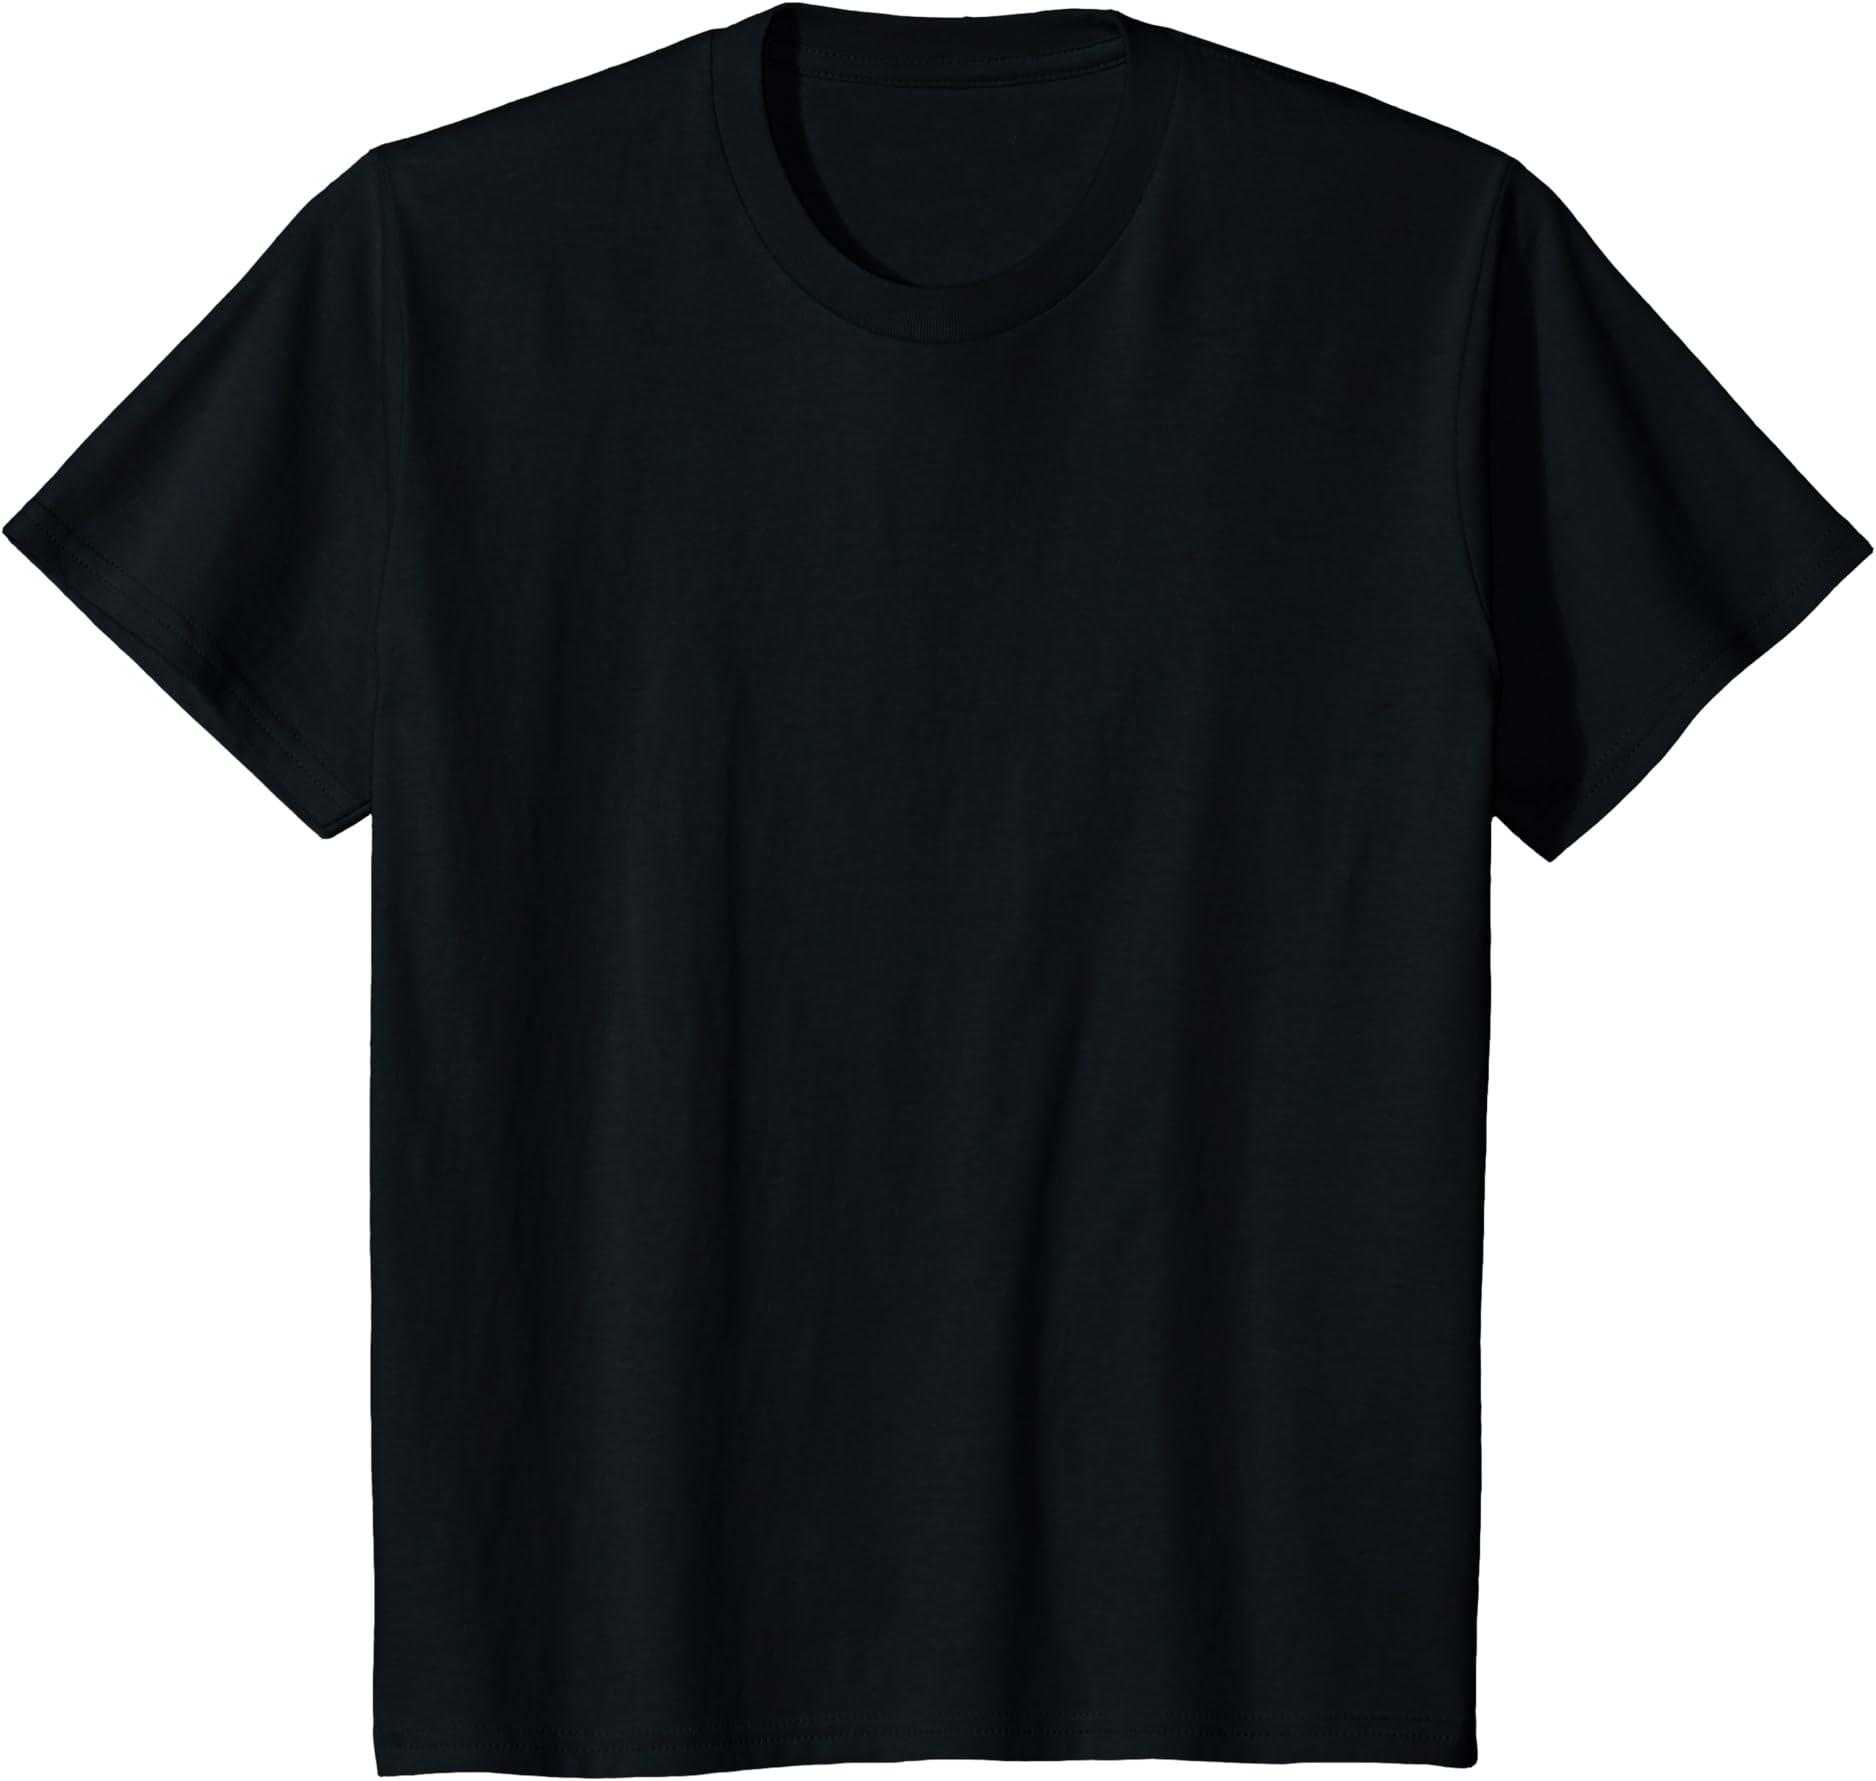 Golden Misfits Golden Knight  Las Vegas Hockey Team Fan Made Unisex Men Tshirt